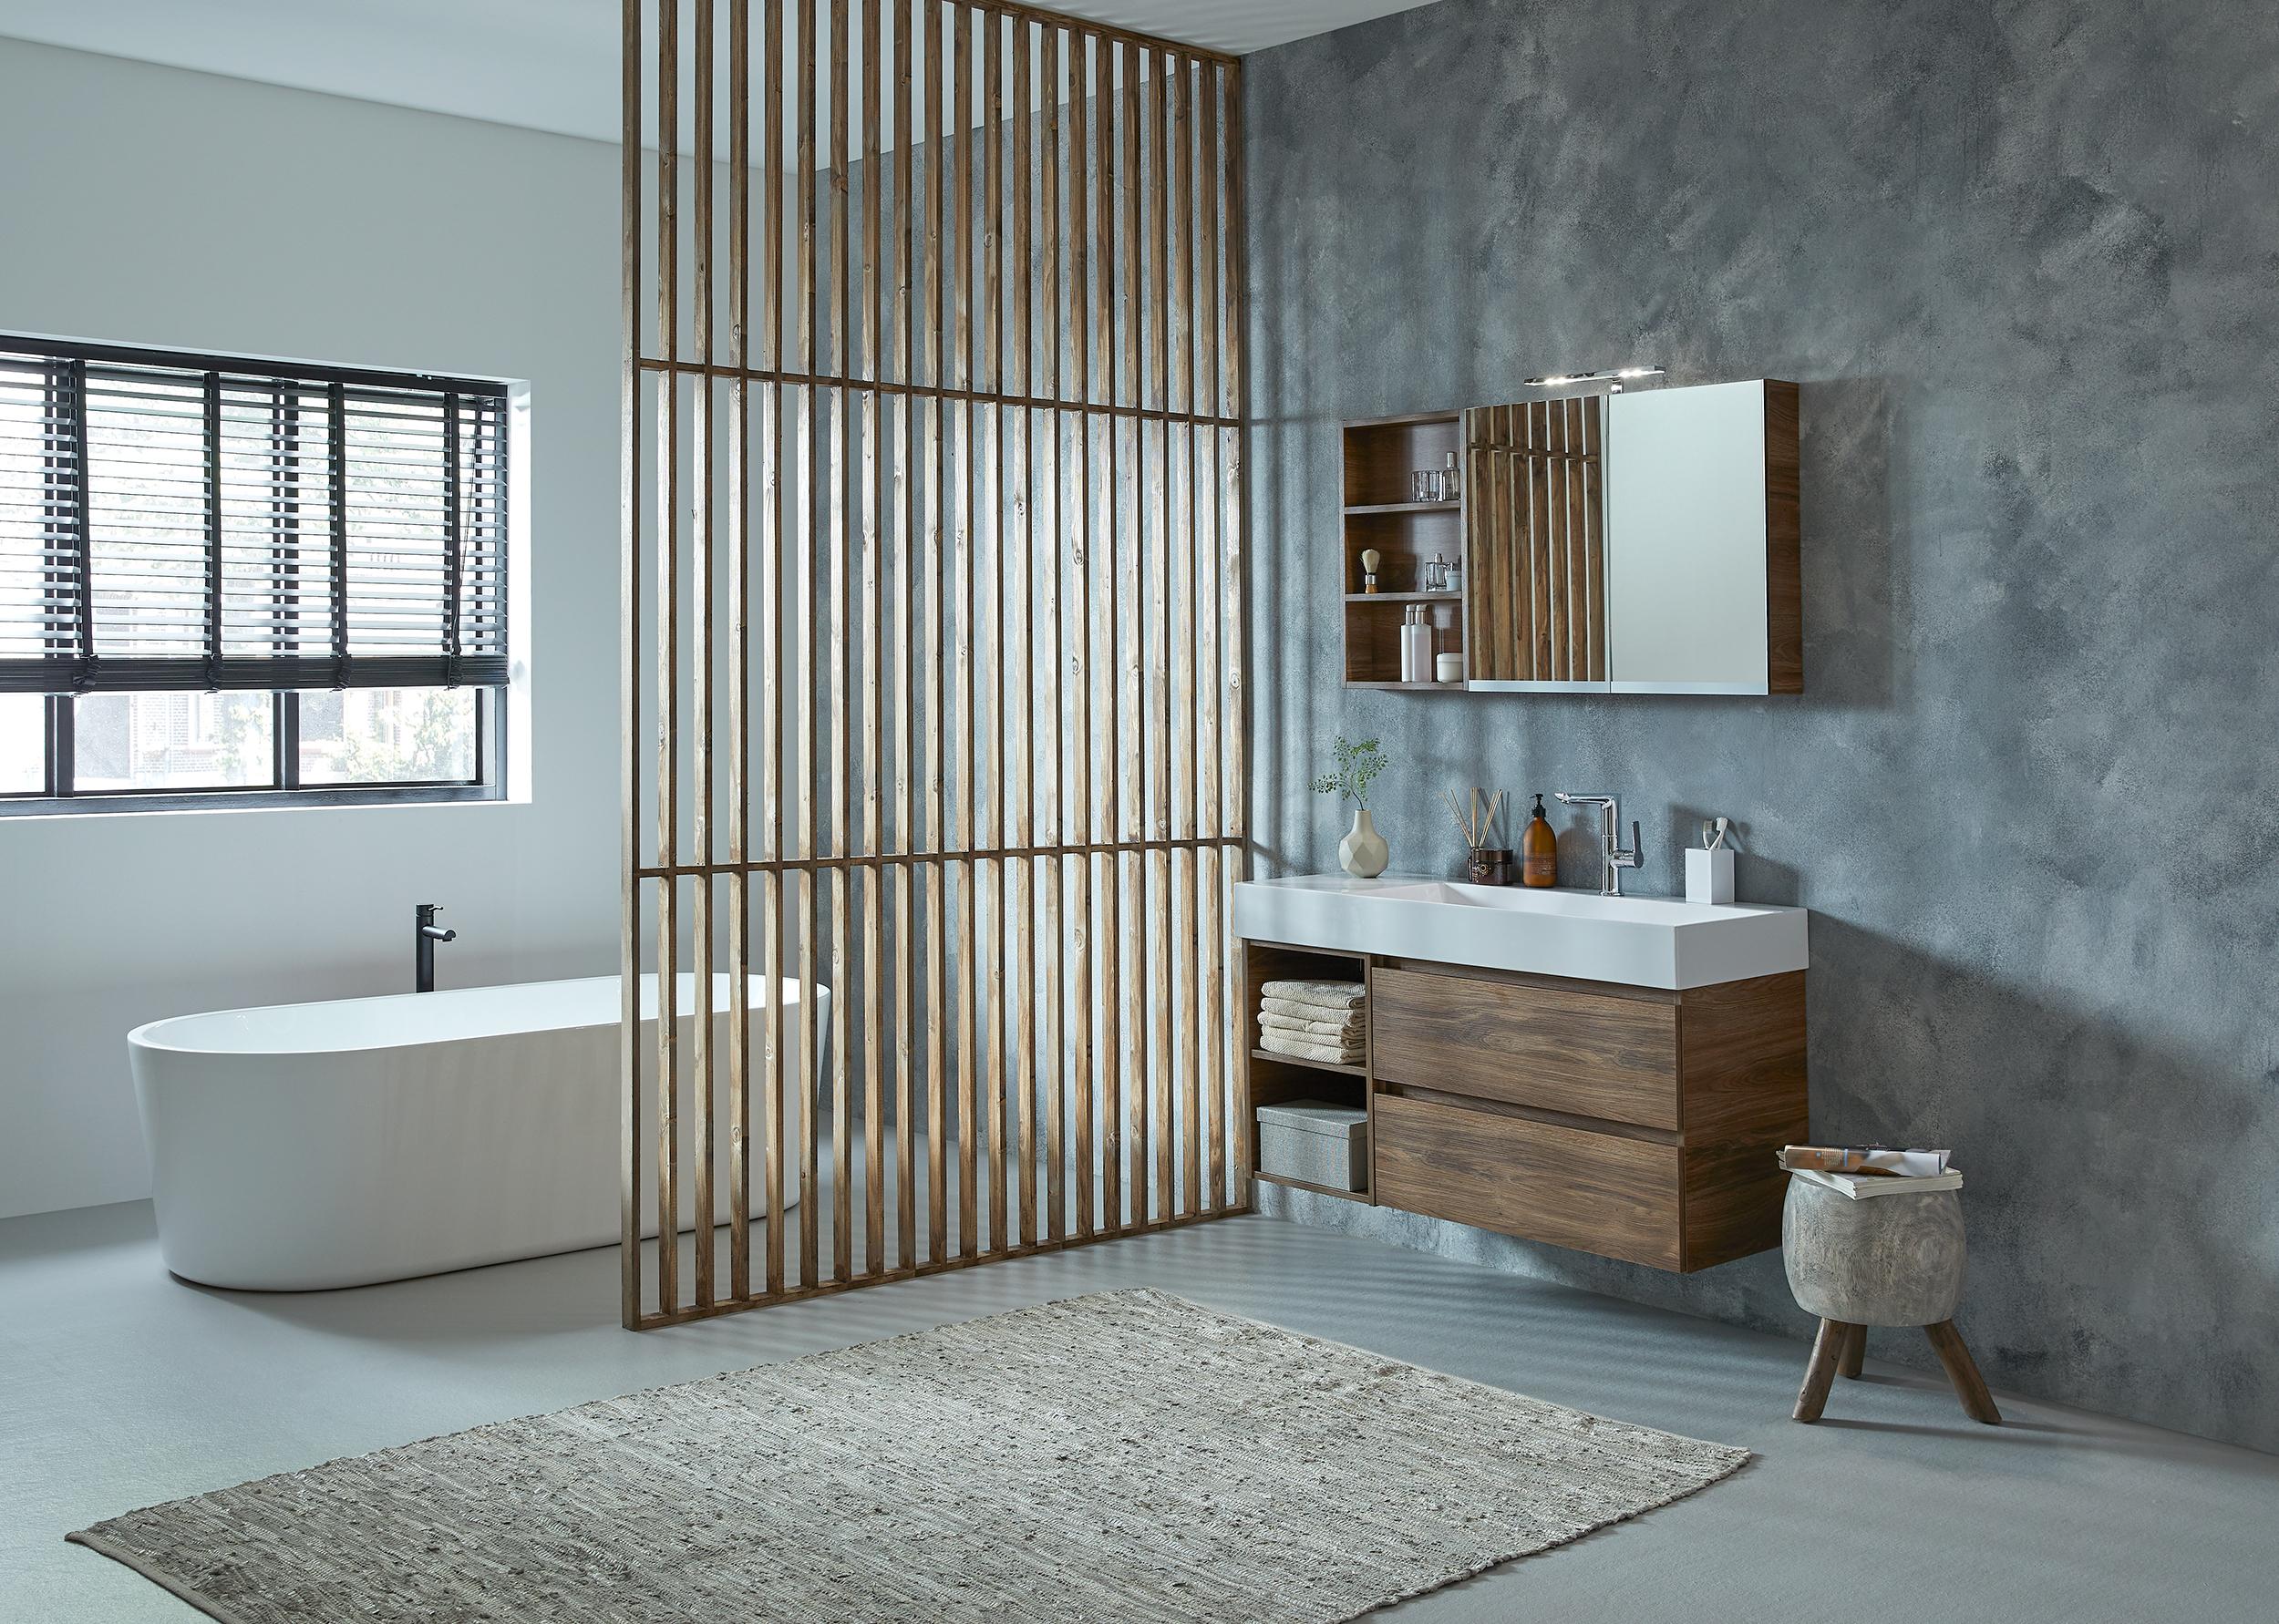 Mijn-bad-in-stijl-natuursteen-badkamer